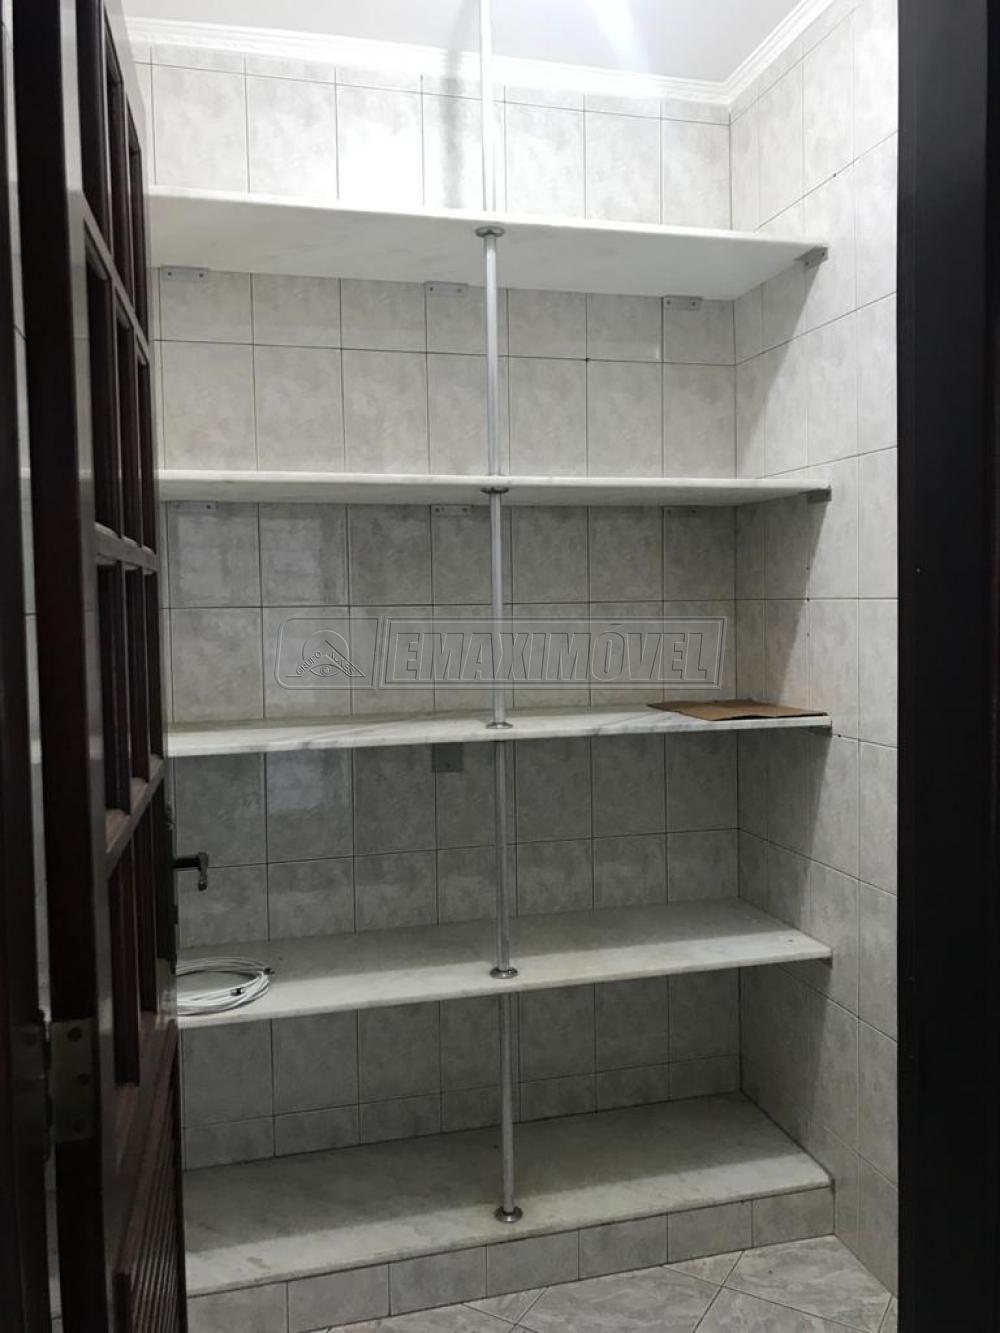 Comprar Casas / em Bairros em Sorocaba apenas R$ 480.000,00 - Foto 23